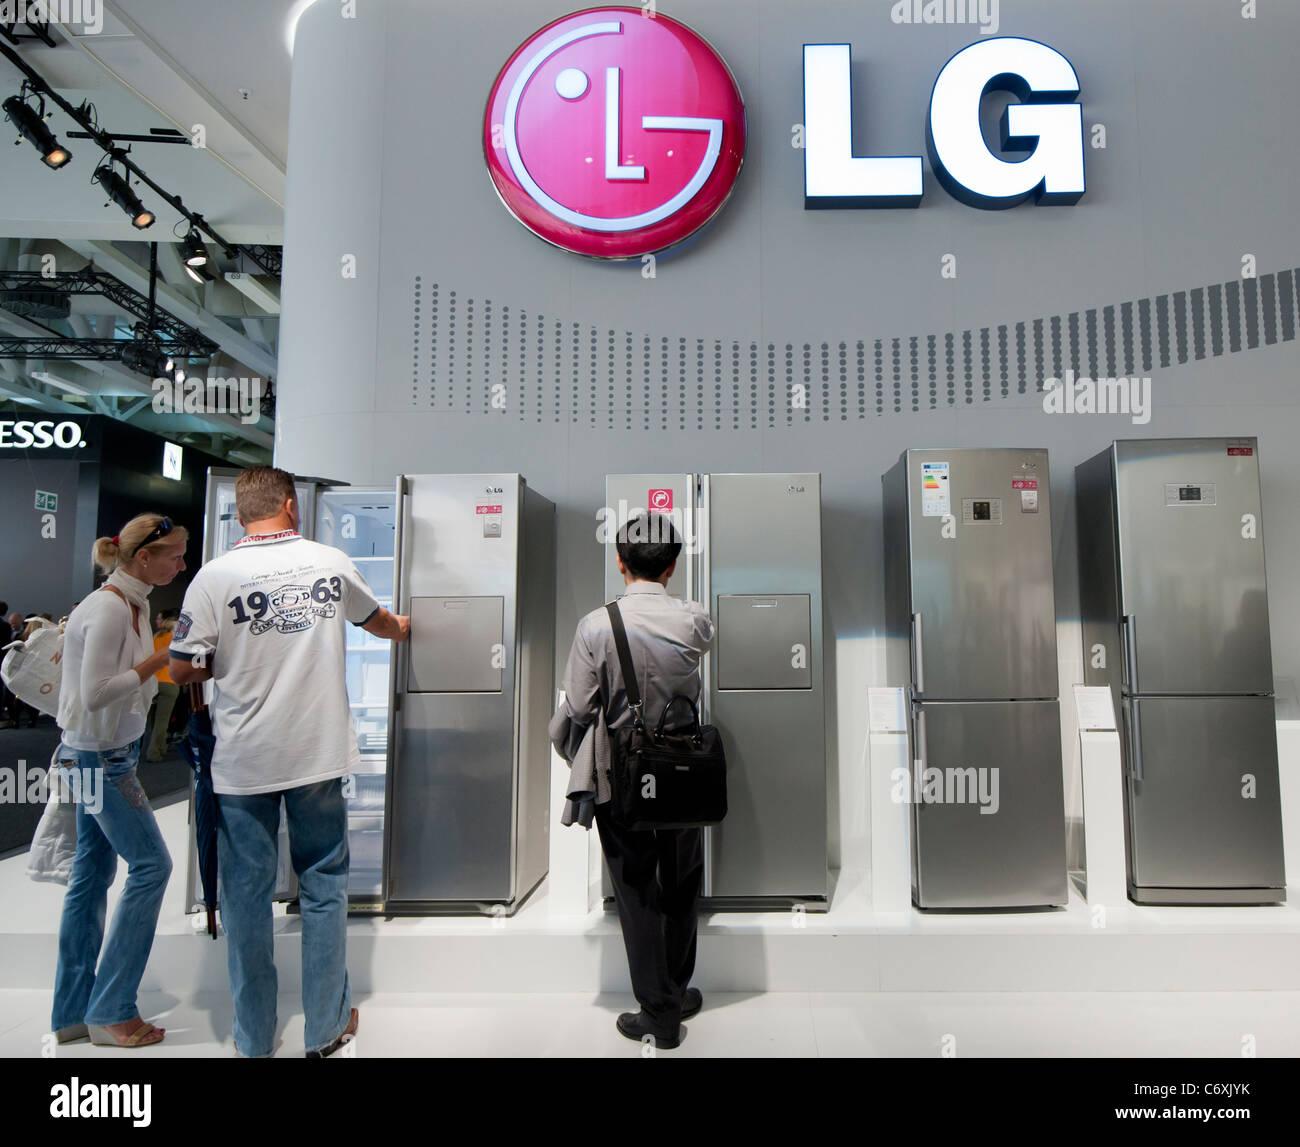 LG Display a IFA consumer electronics fiera commerciale di Berlino Germania 2011 Immagini Stock